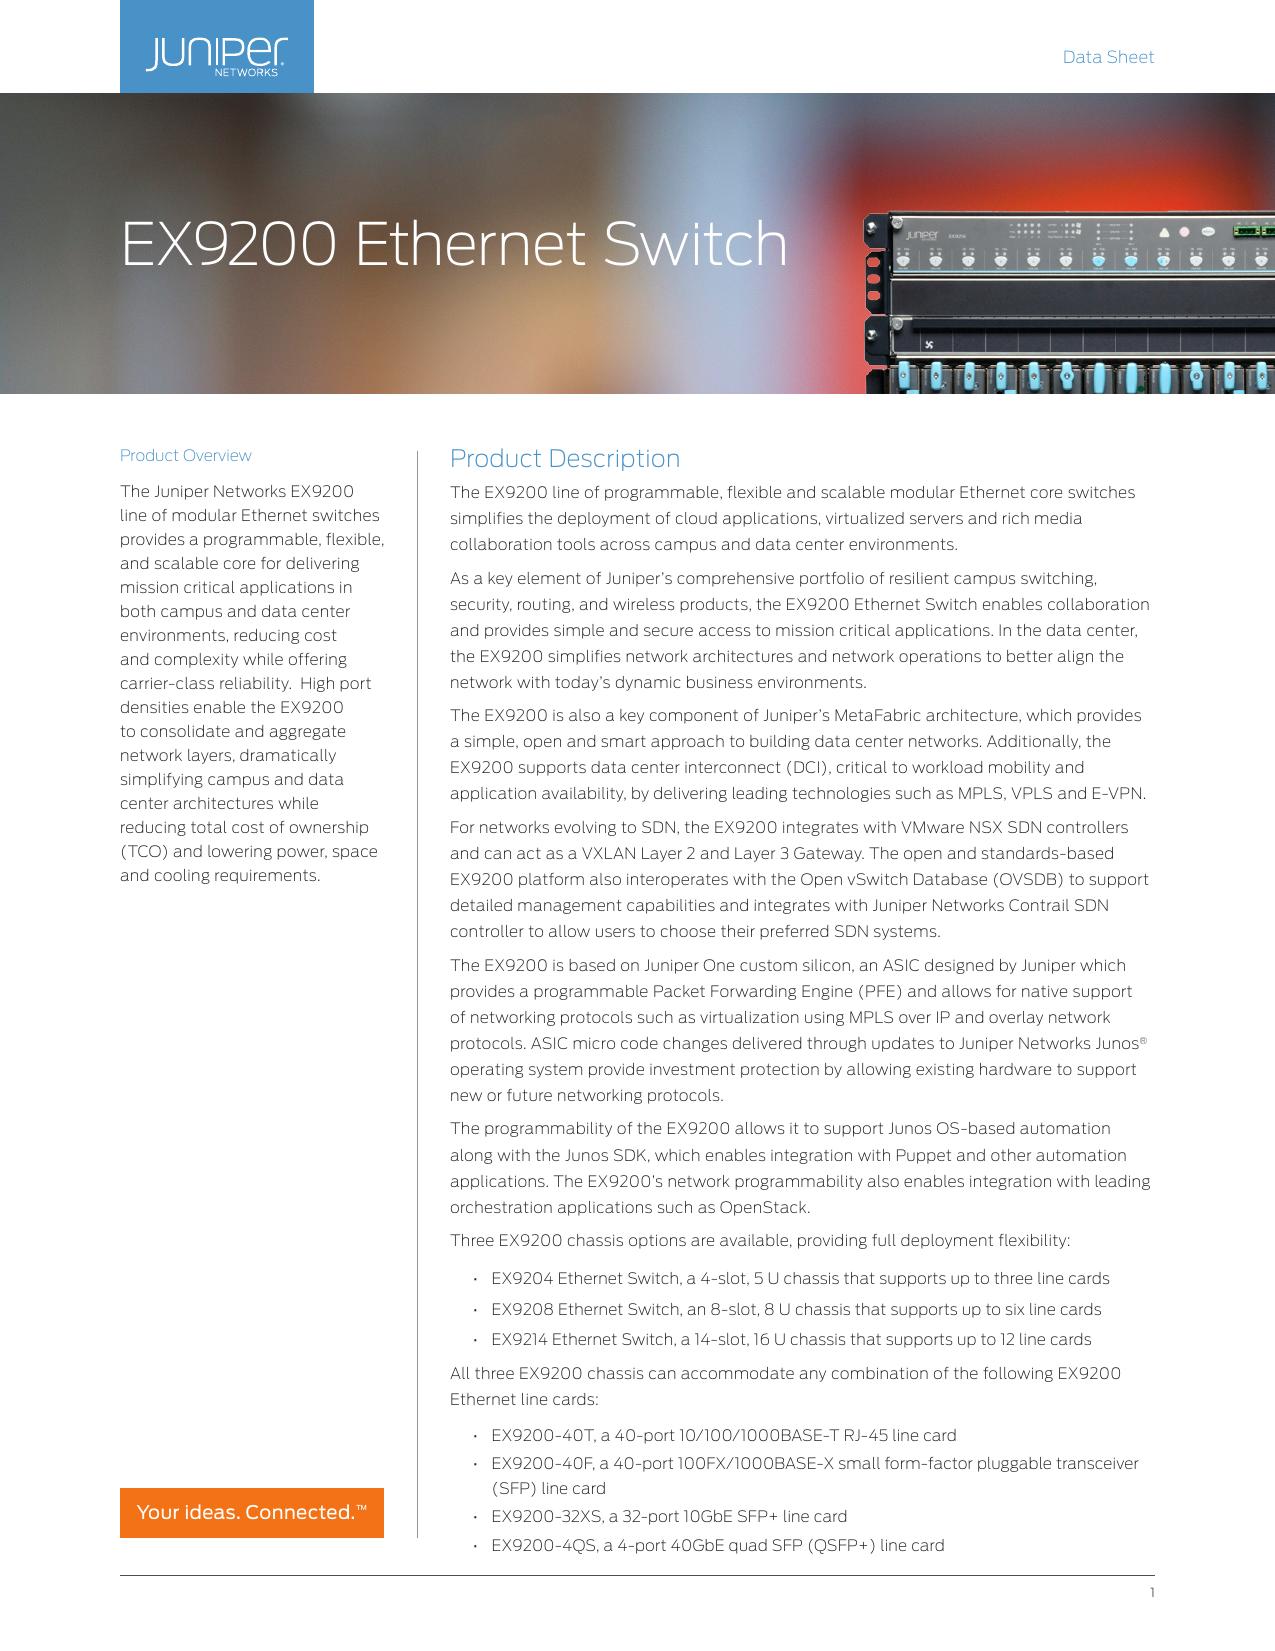 Datasheet: EX9200 Ethernet Switch   manualzz com